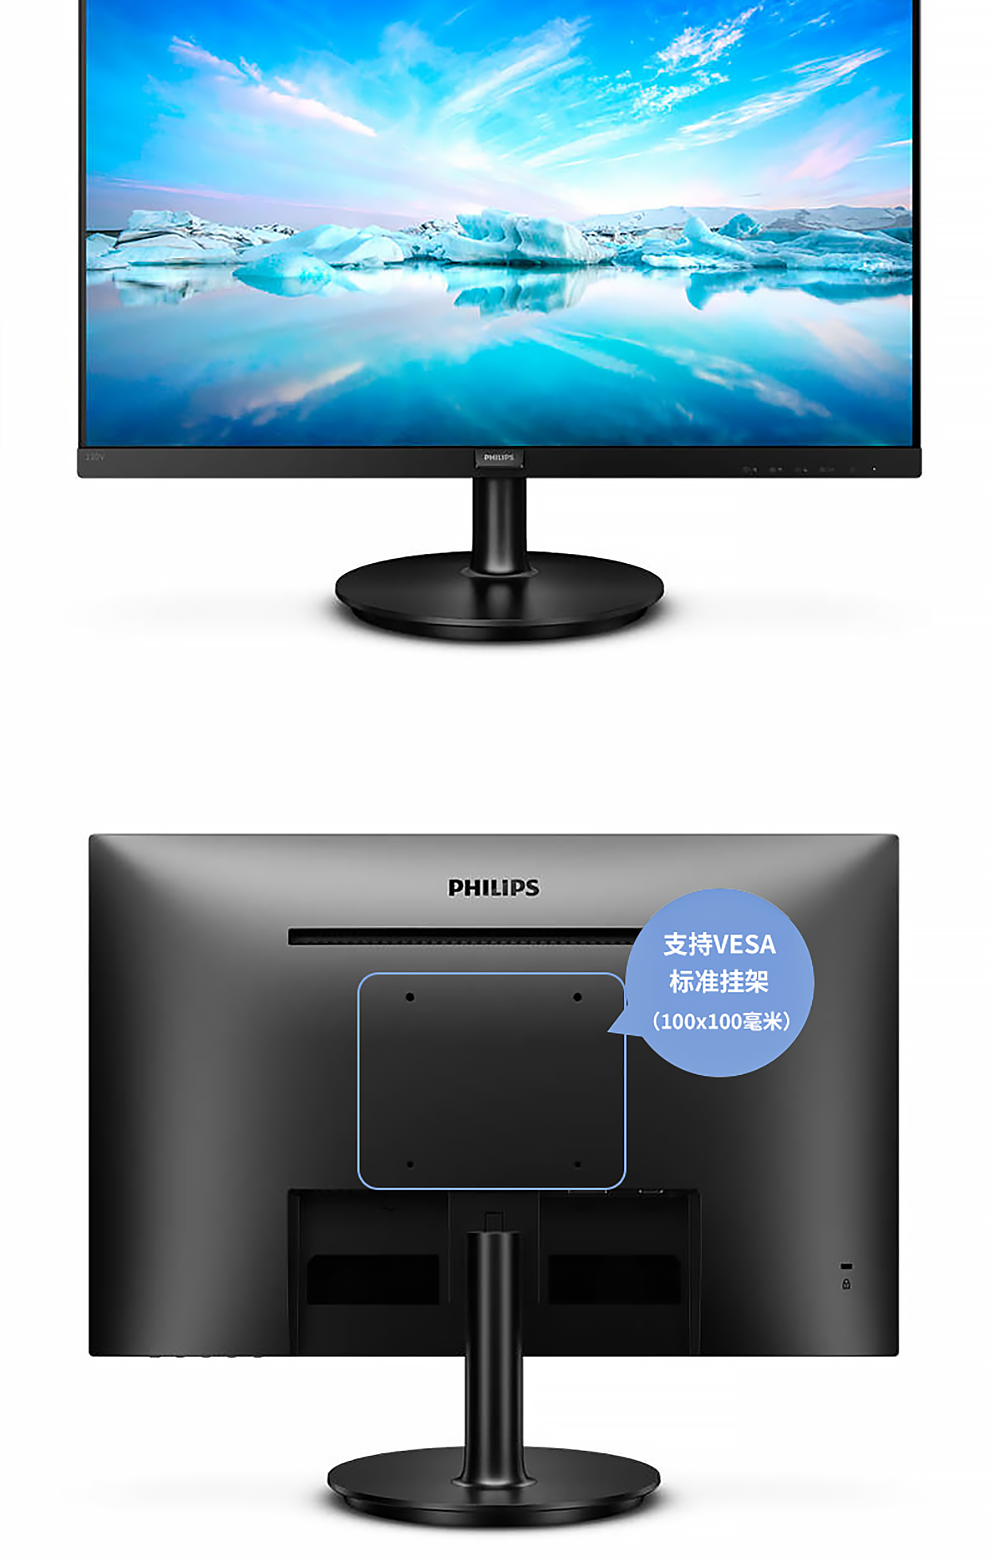 飞利浦230V8 显示器22.5如何下载伟德ios版 IPS高清窄边框低蓝光台式电脑液晶显示器屏幕可壁挂显示器